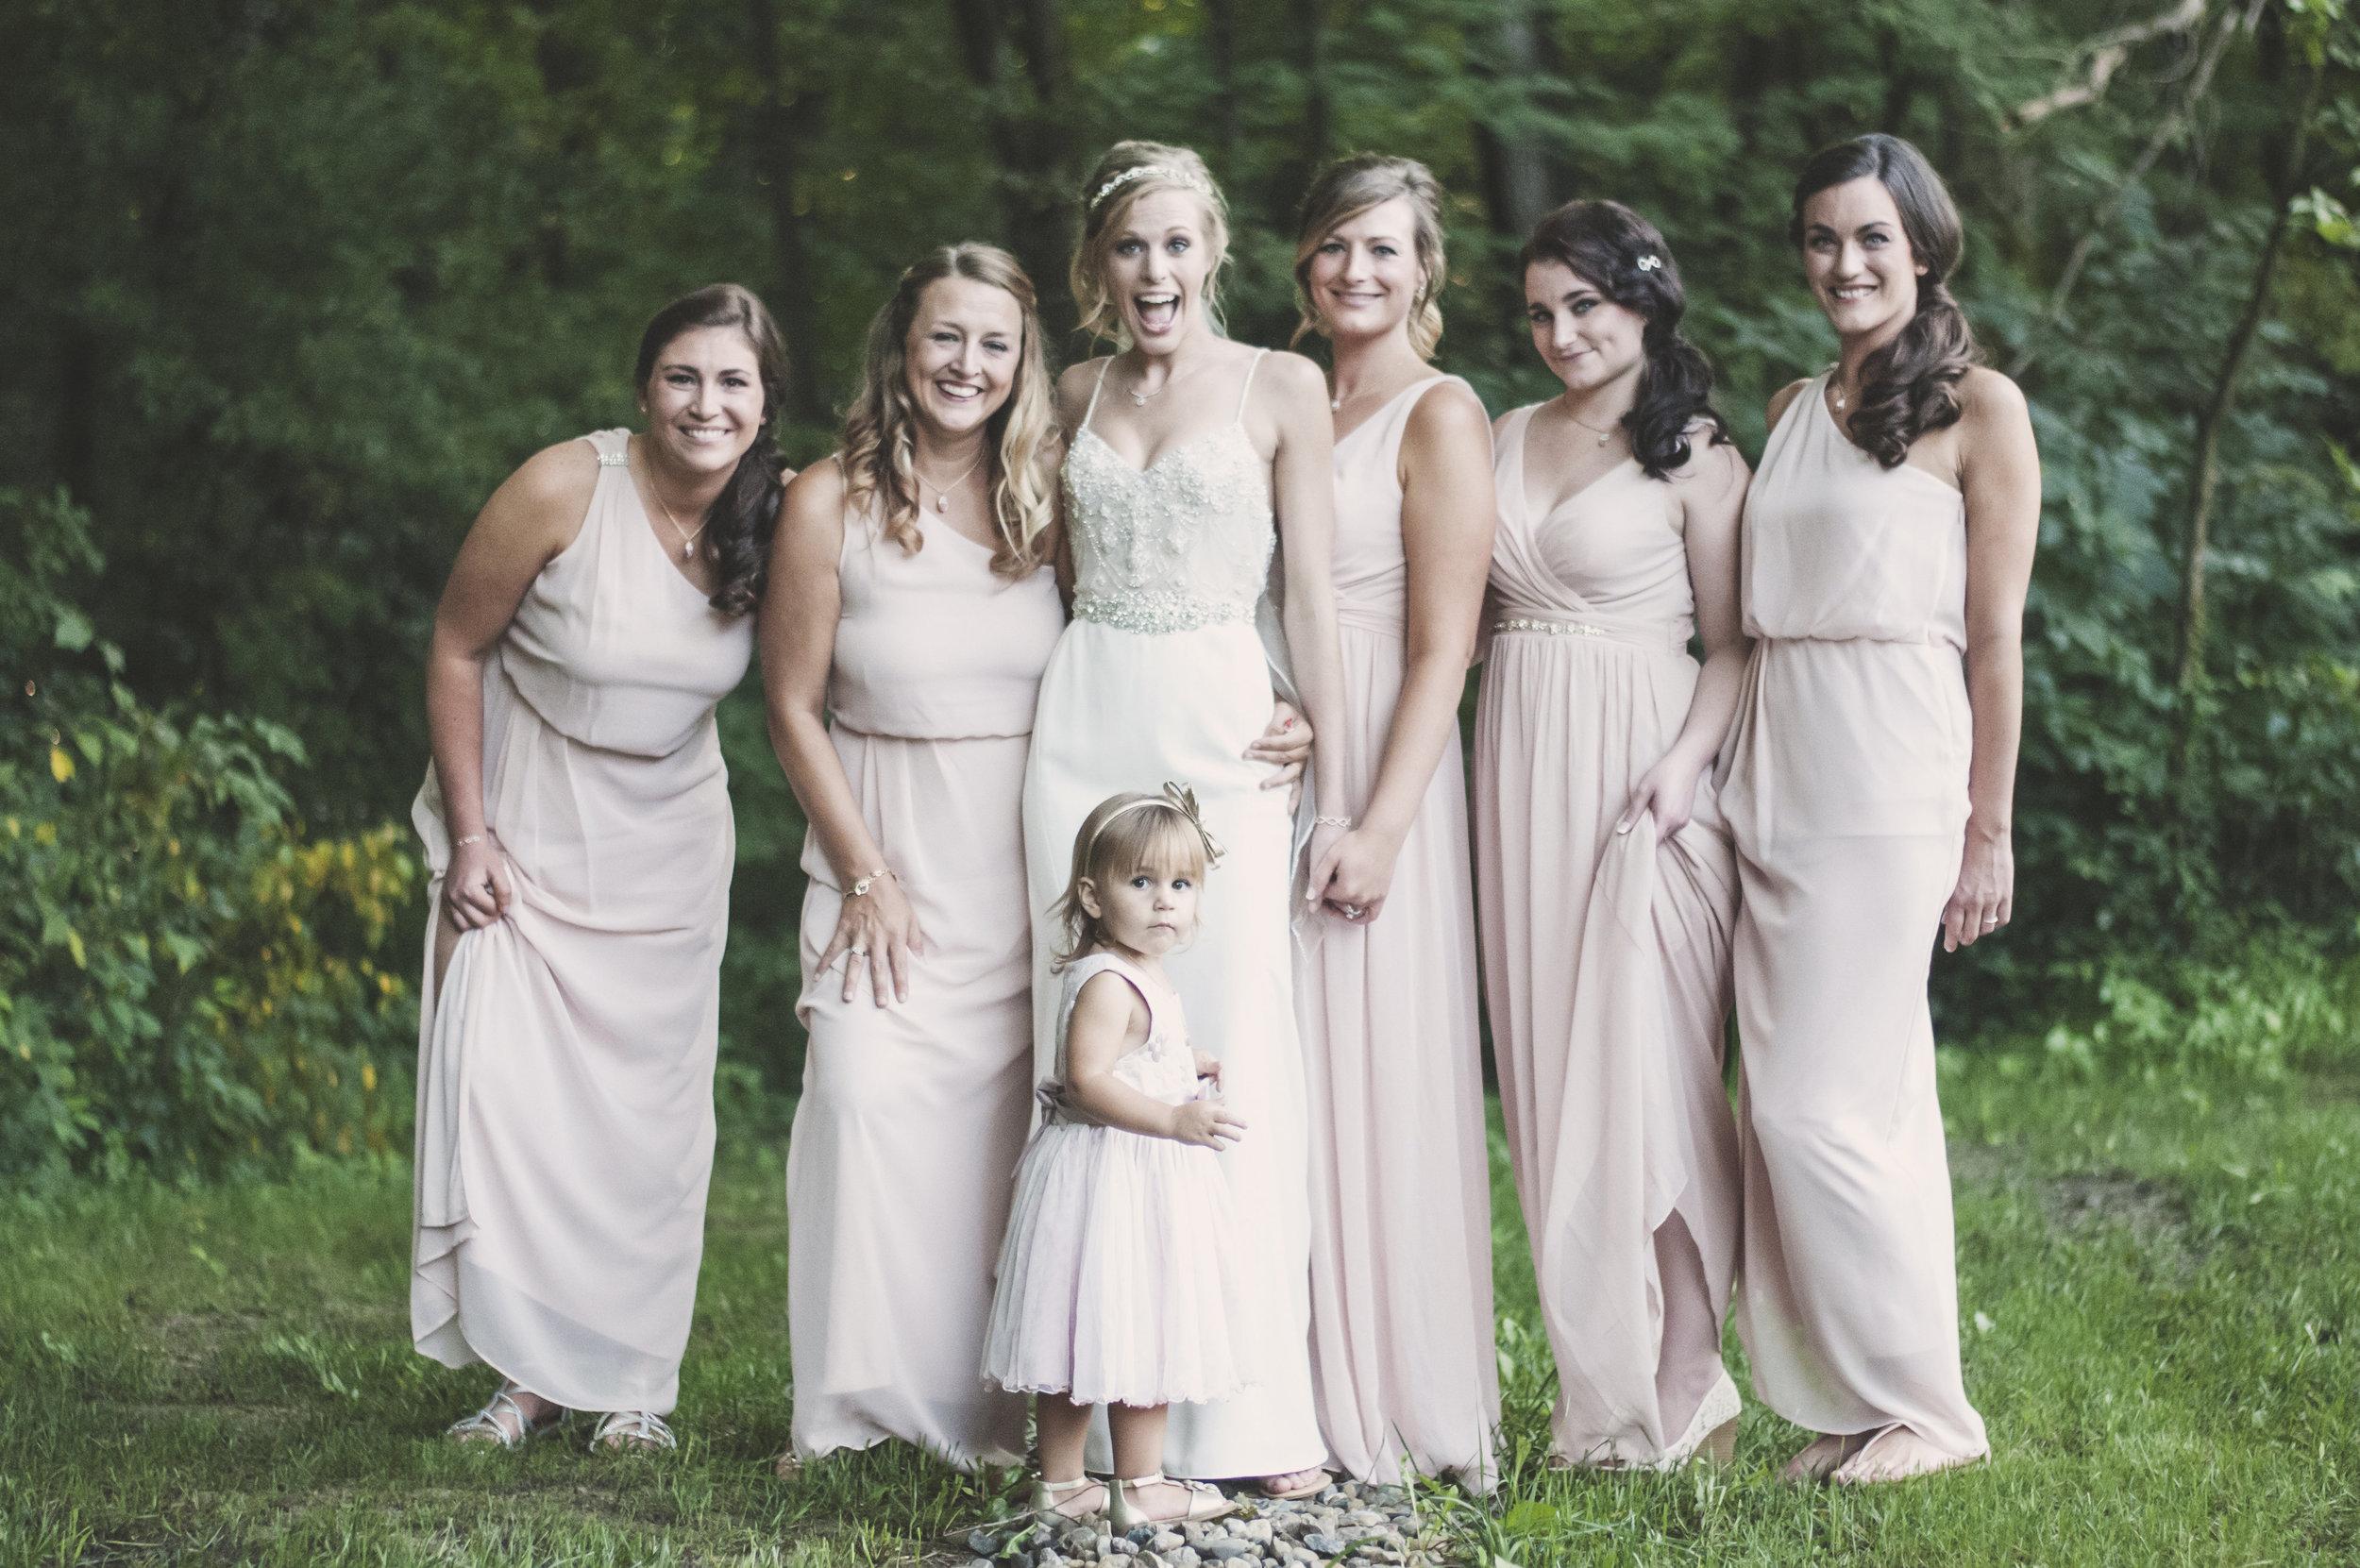 bridal party photo indy bride